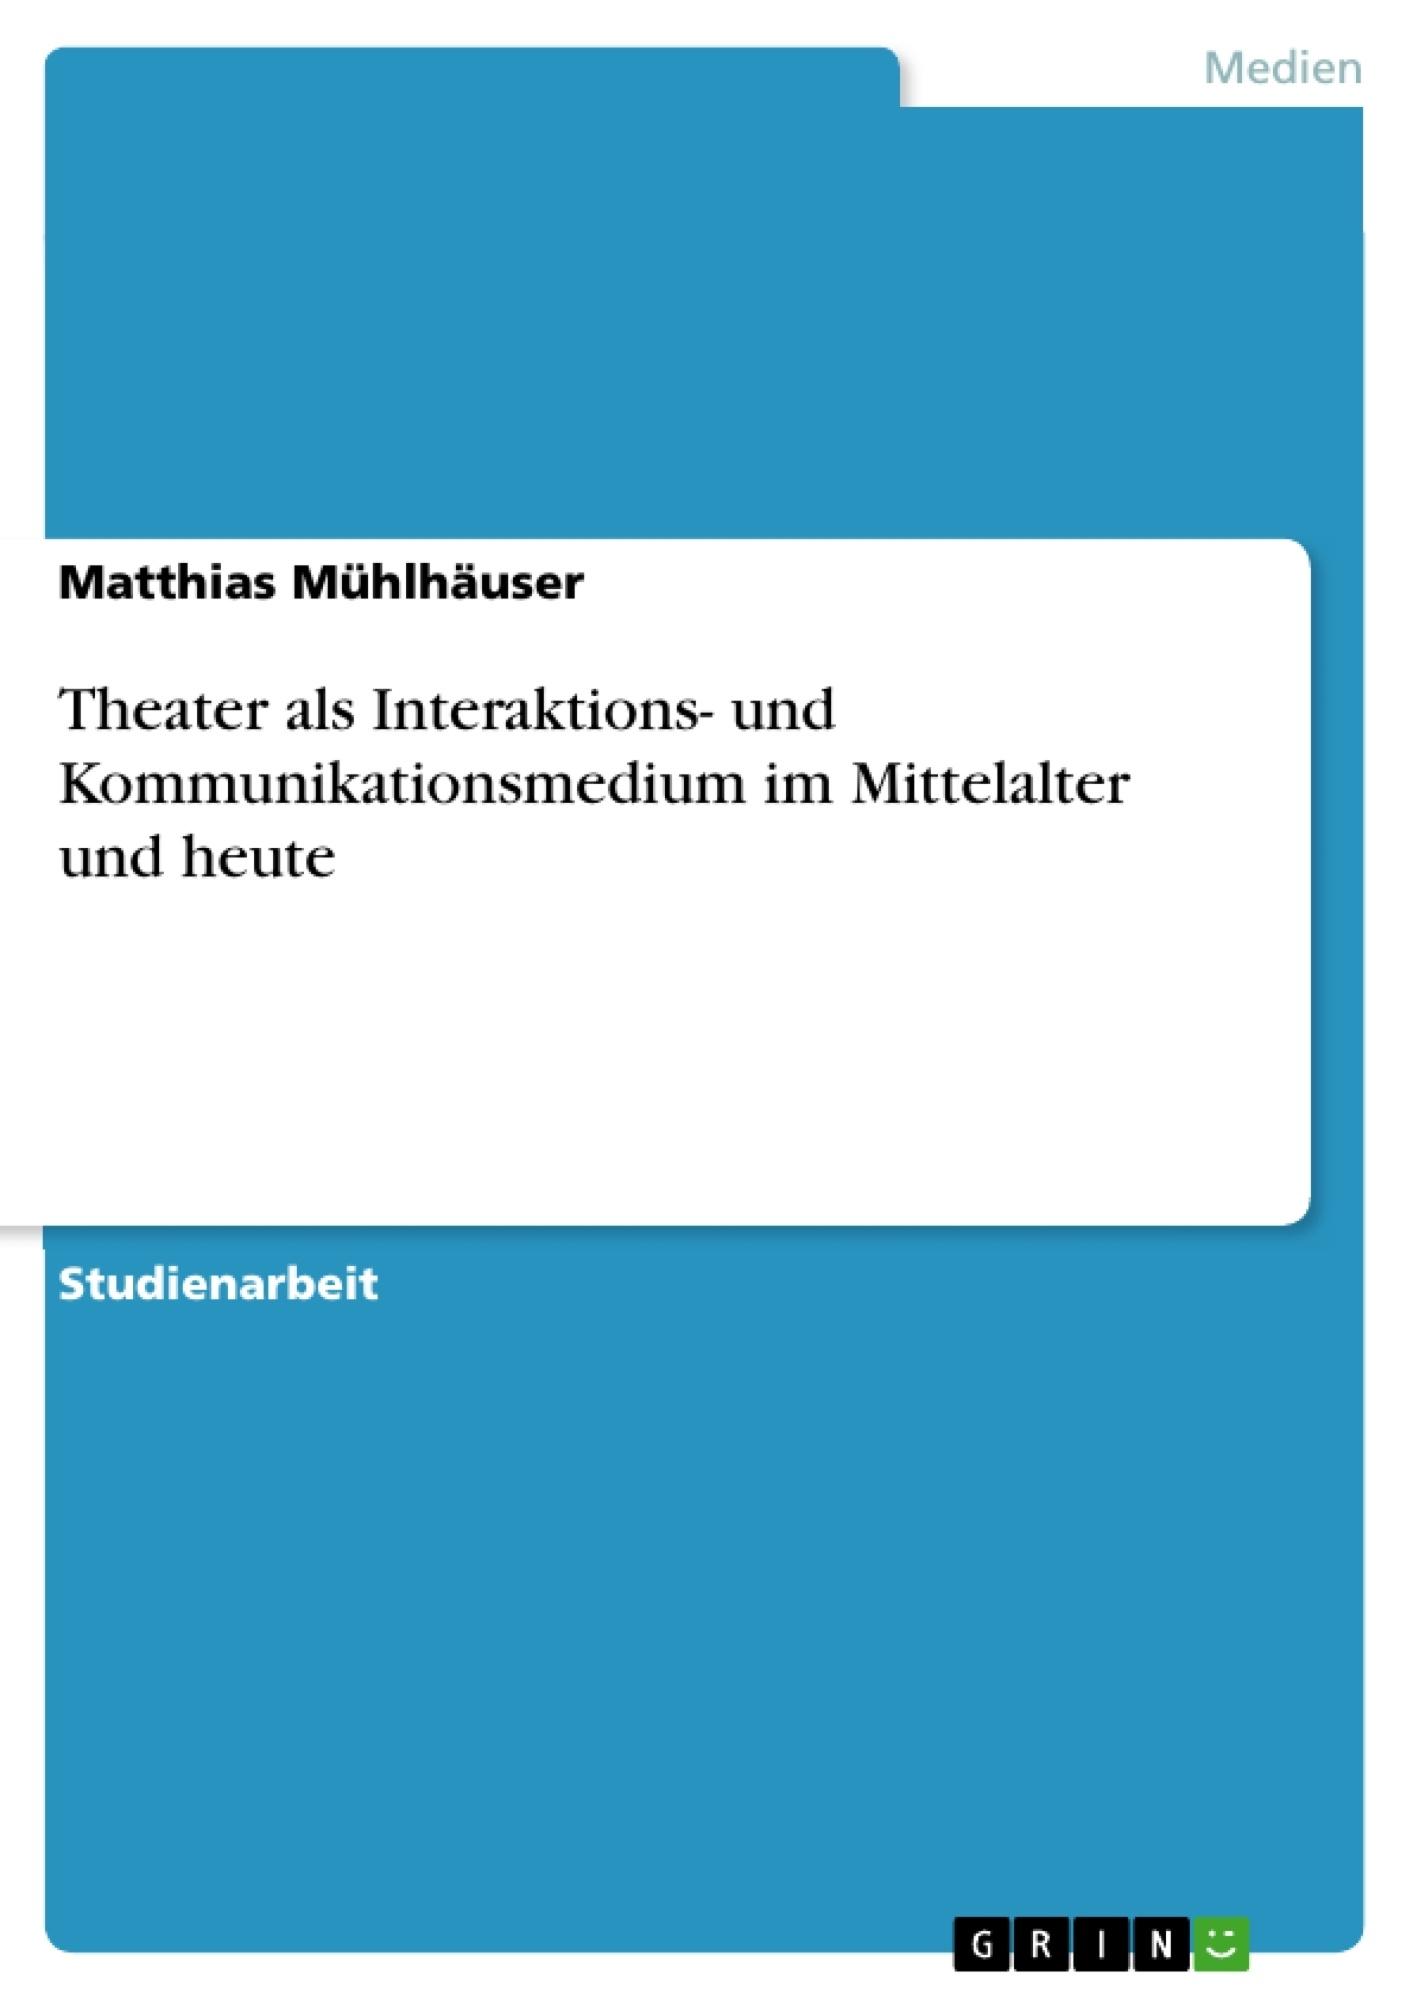 Titel: Theater als Interaktions- und Kommunikationsmedium im Mittelalter und heute